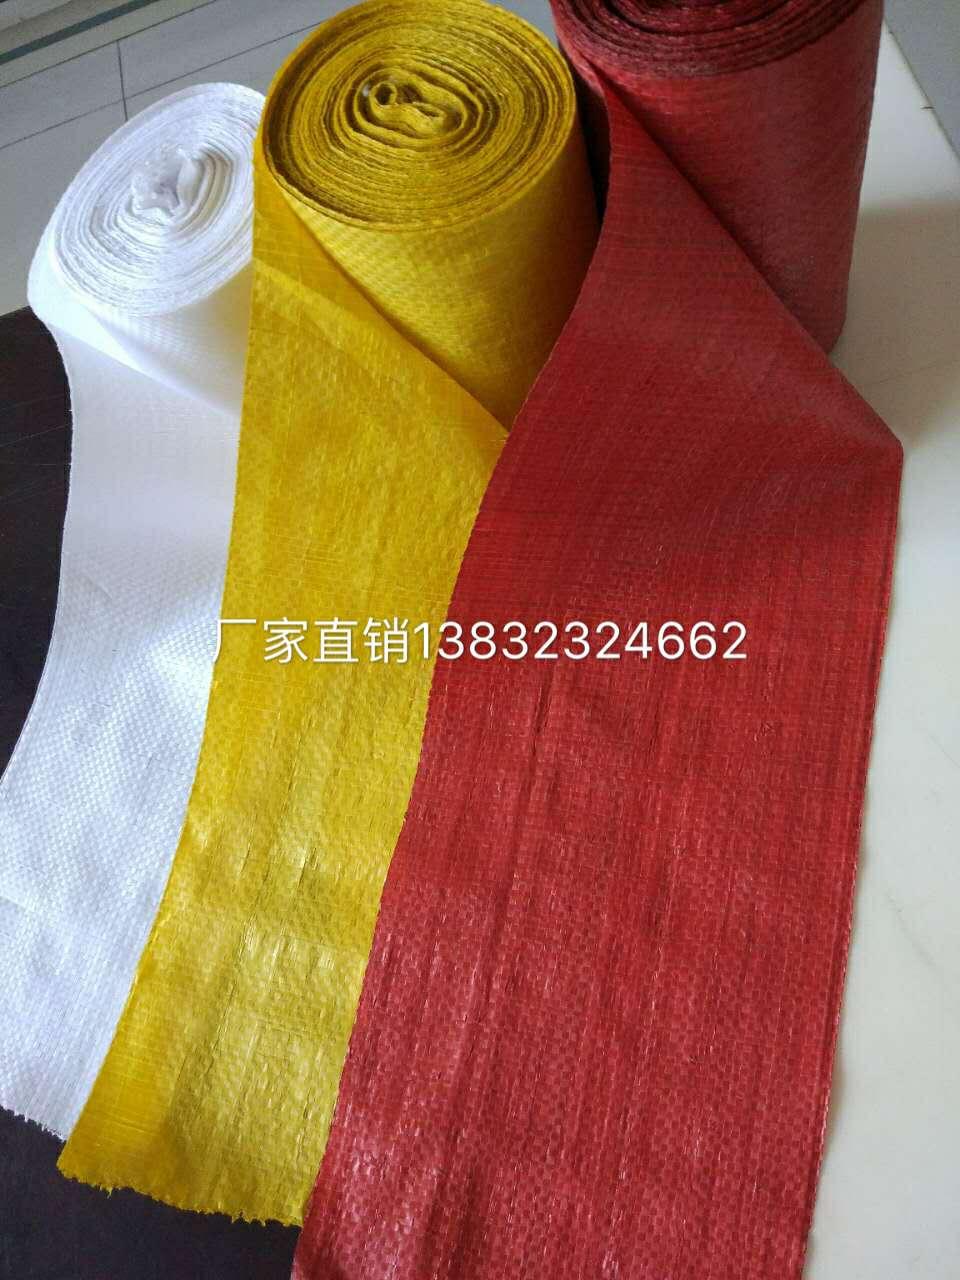 辉超编织袋|彩色编织袋|编织袋价格